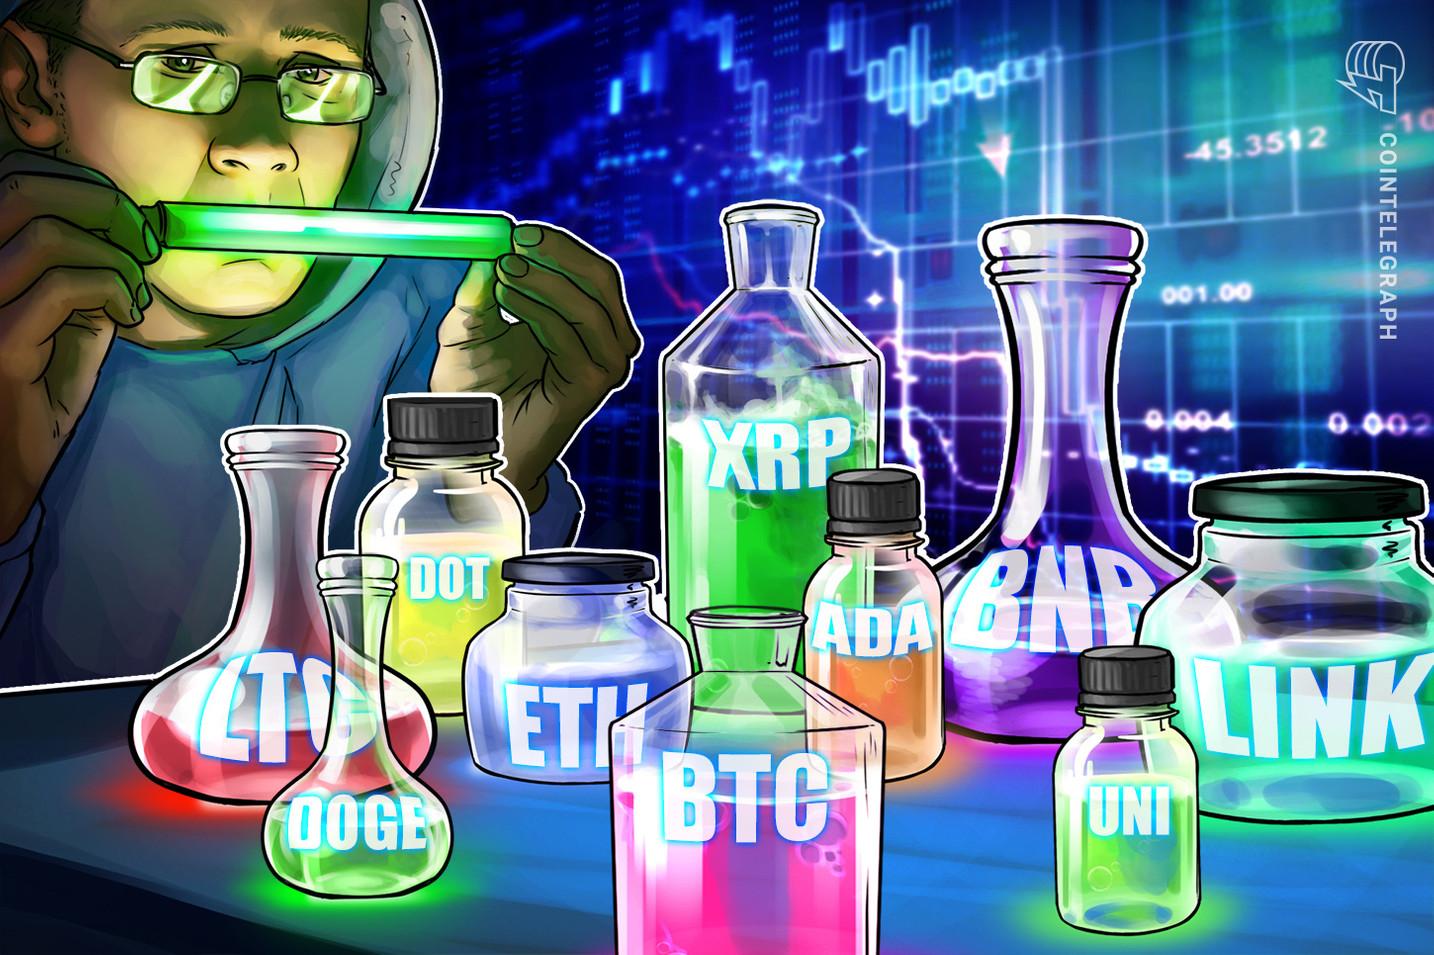 短期的な調整フェーズか 仮想通貨チャート分析:ビットコイン・イーサ・XRP(リップル)・ライトコイン